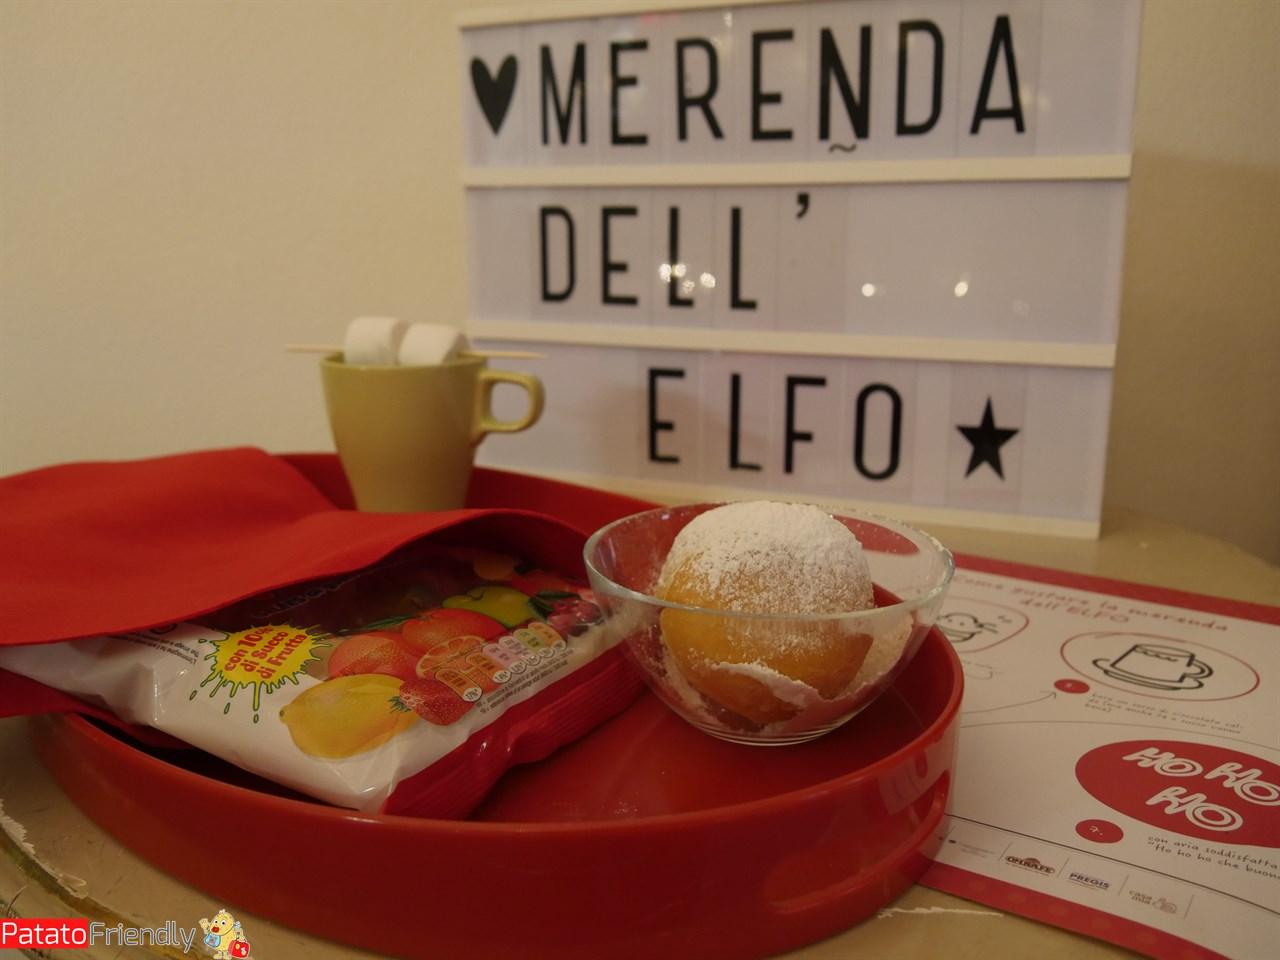 [cml_media_alt id='13053']La merenda dell'Elfo alla Casa di Babbo Natale[/cml_media_alt]